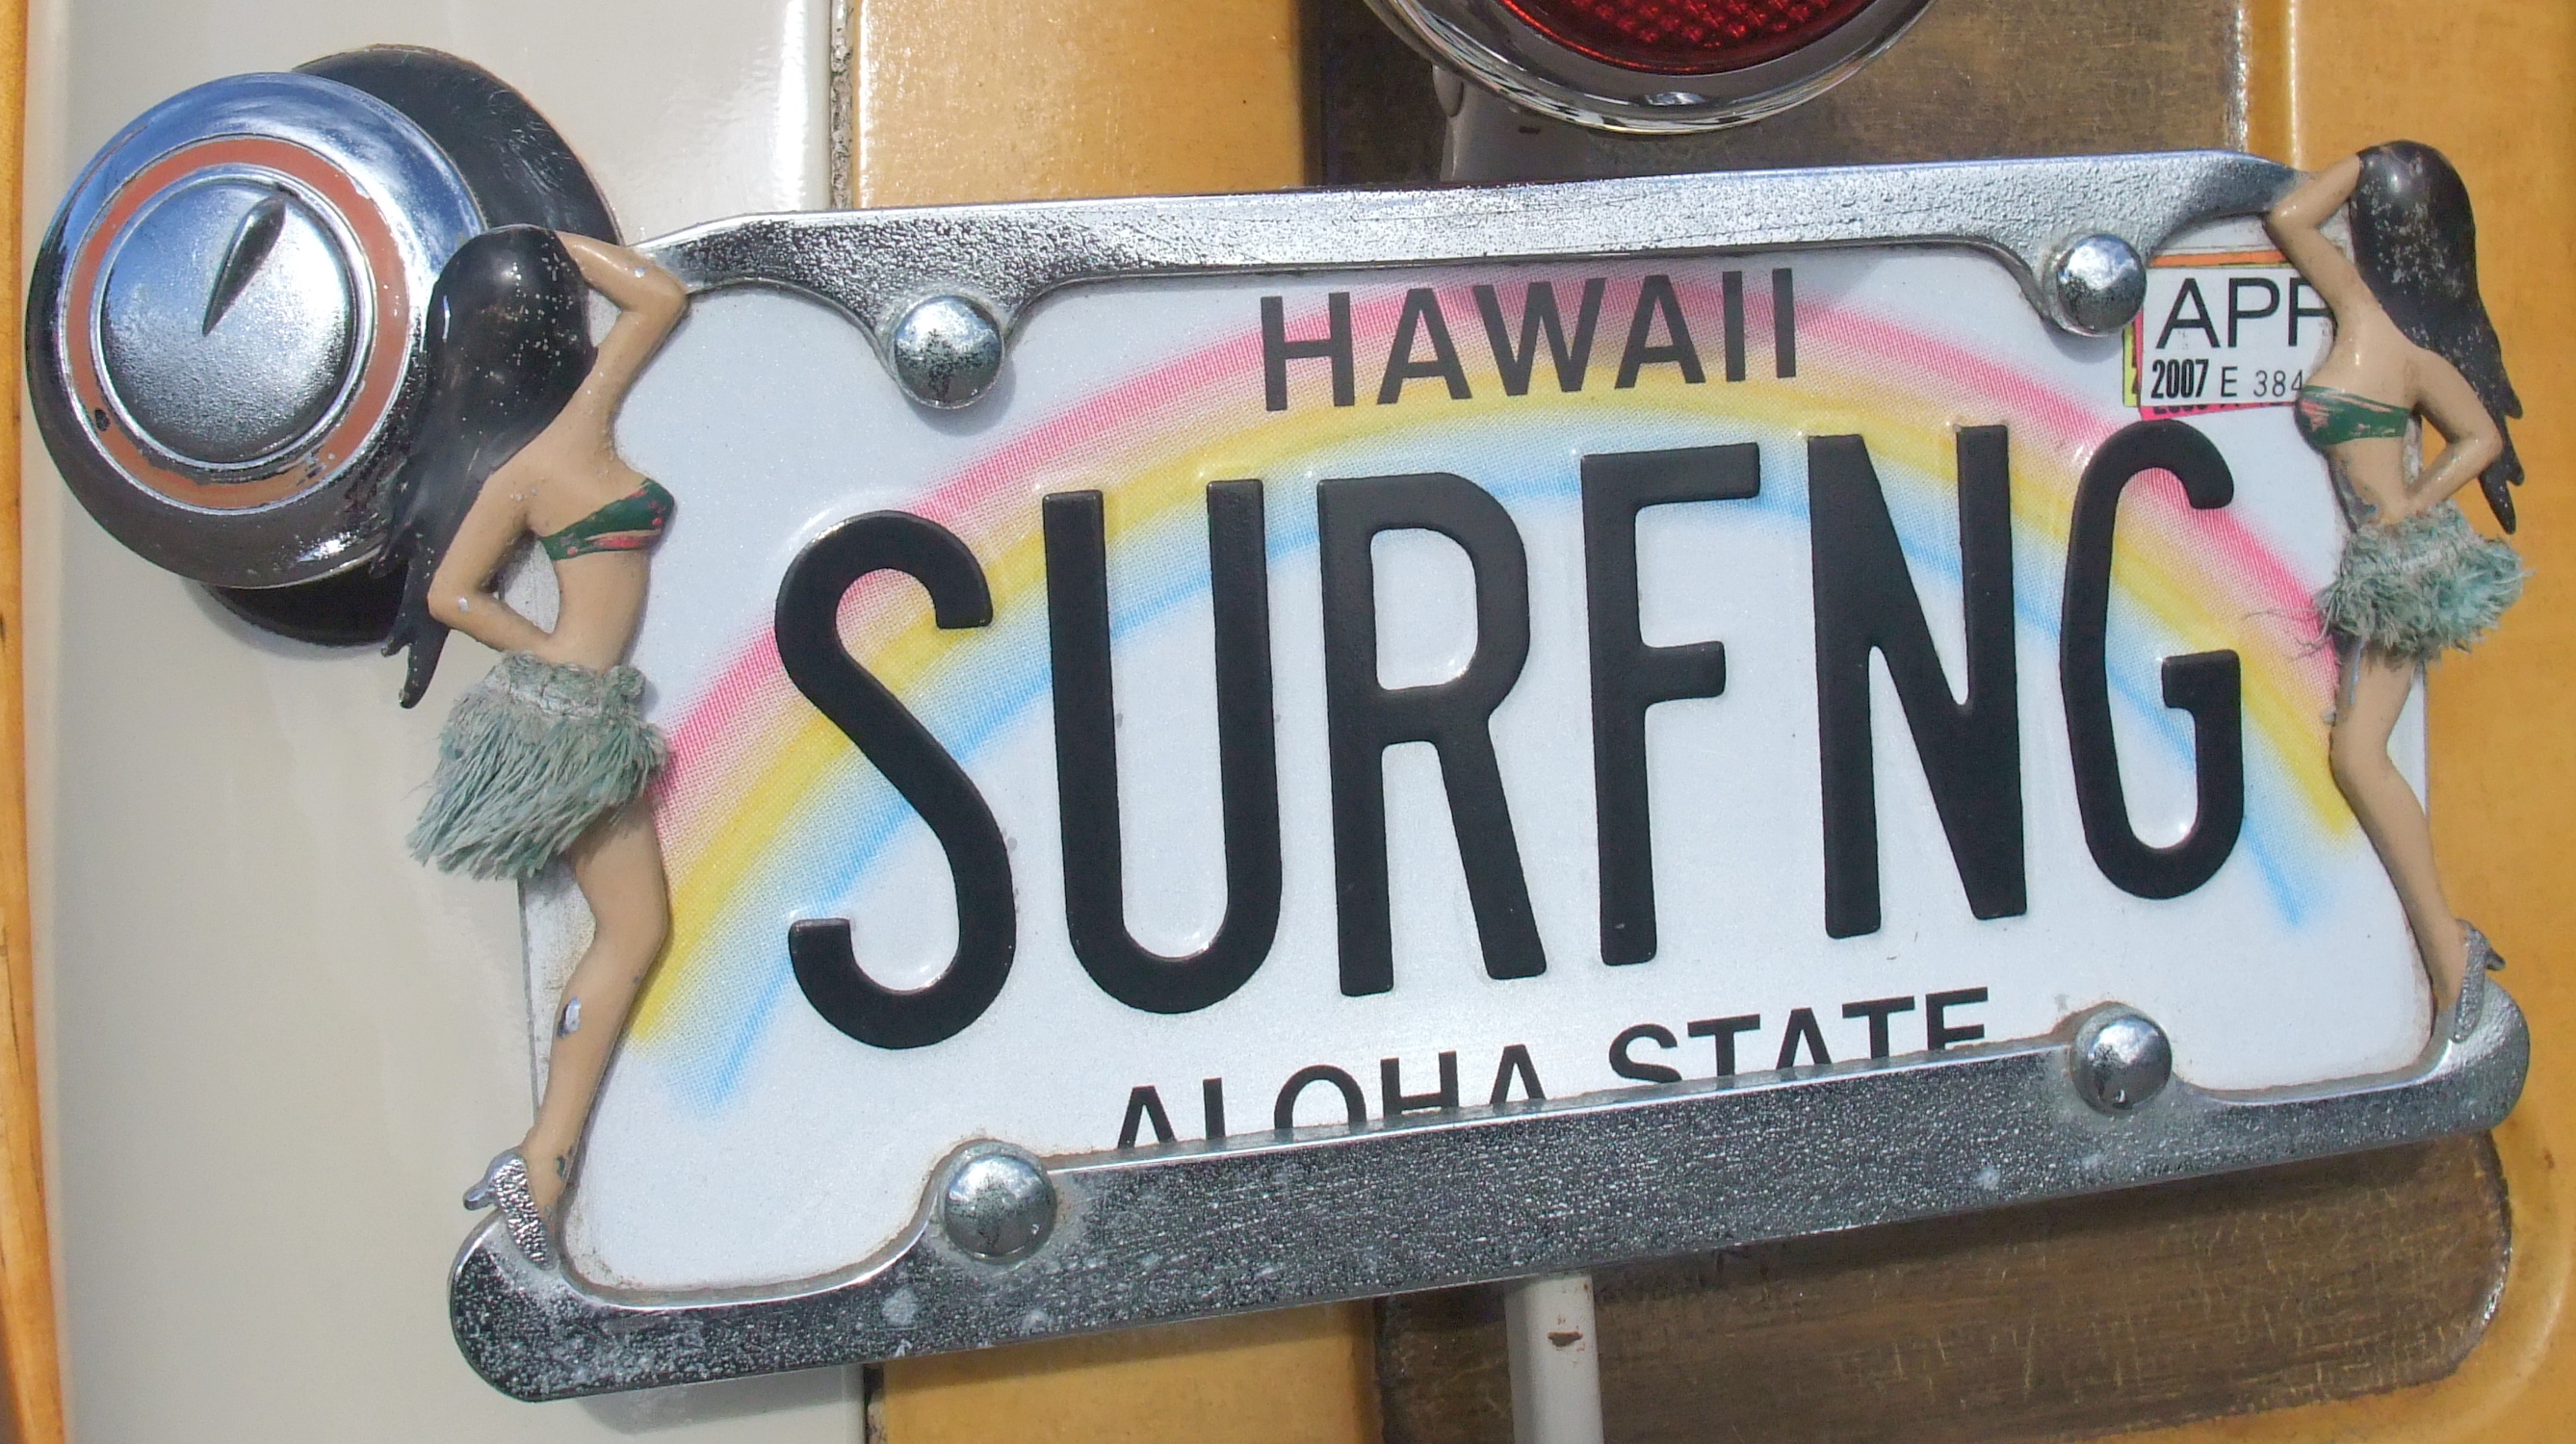 Surfing evrywhere